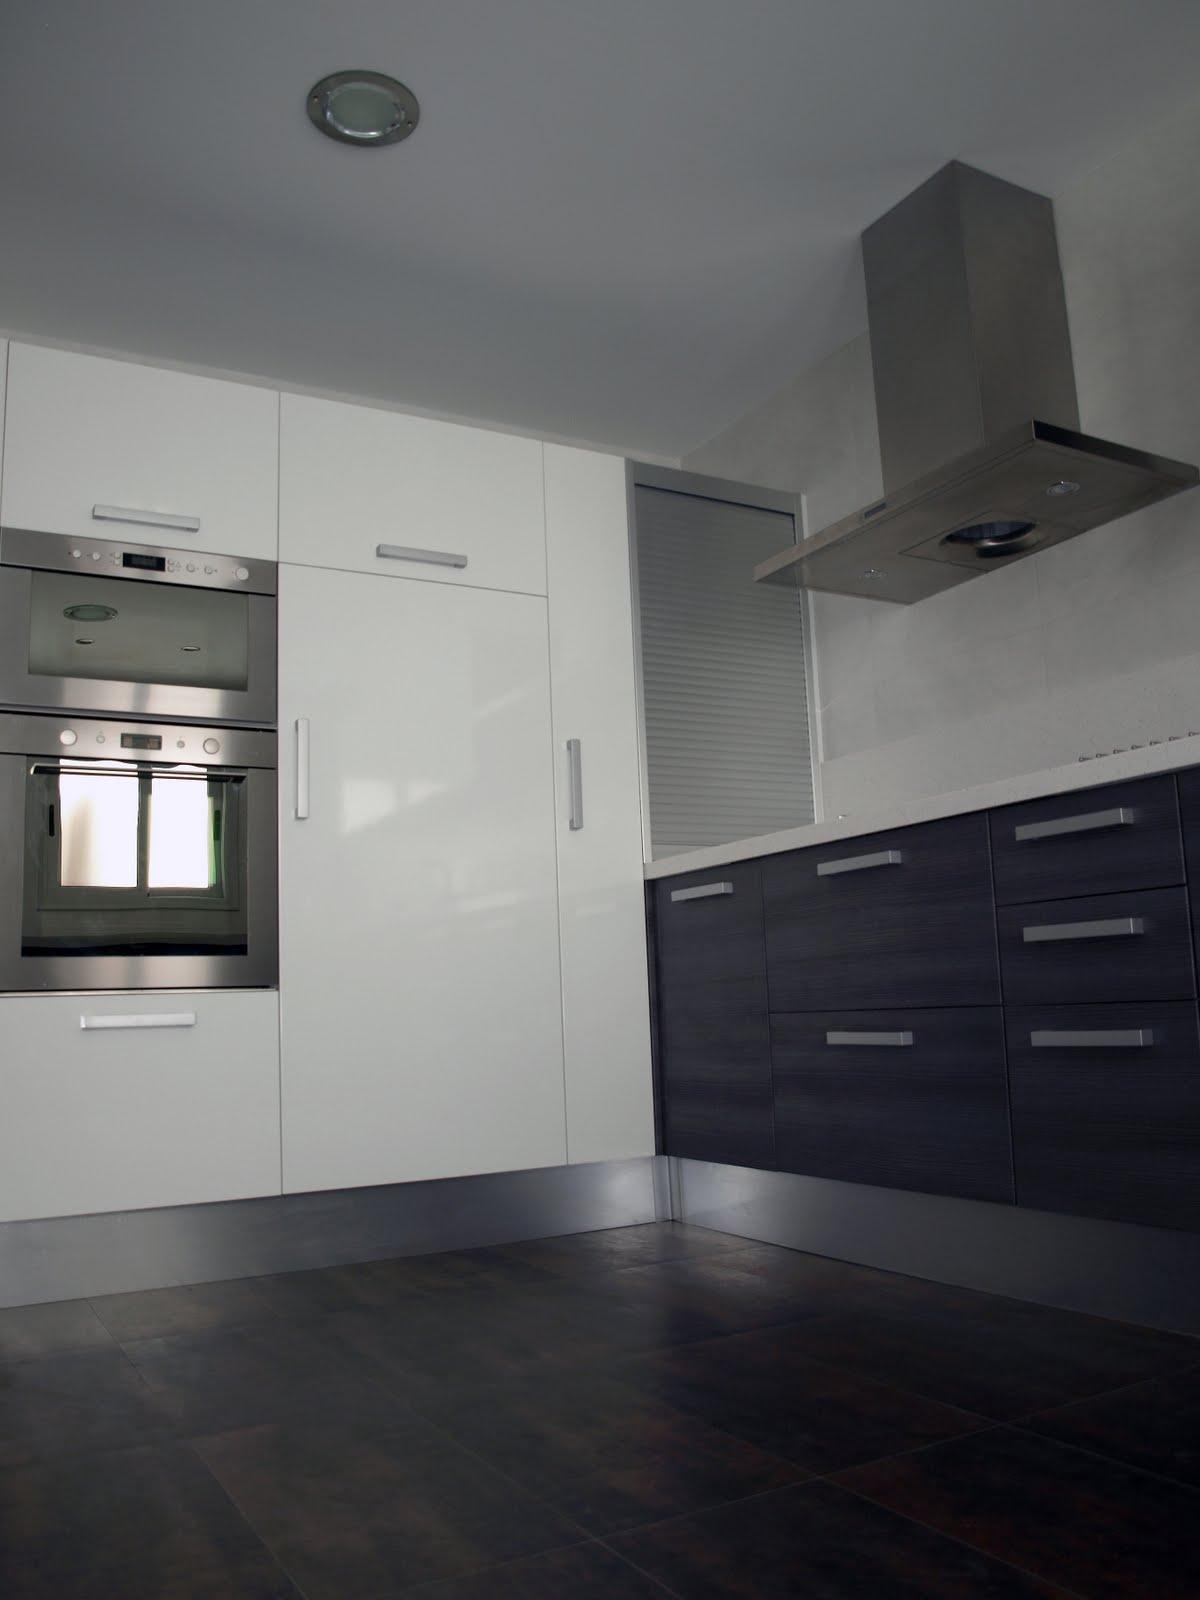 Ba o suelo gris pared blanca for Azulejos y suelos para cocinas